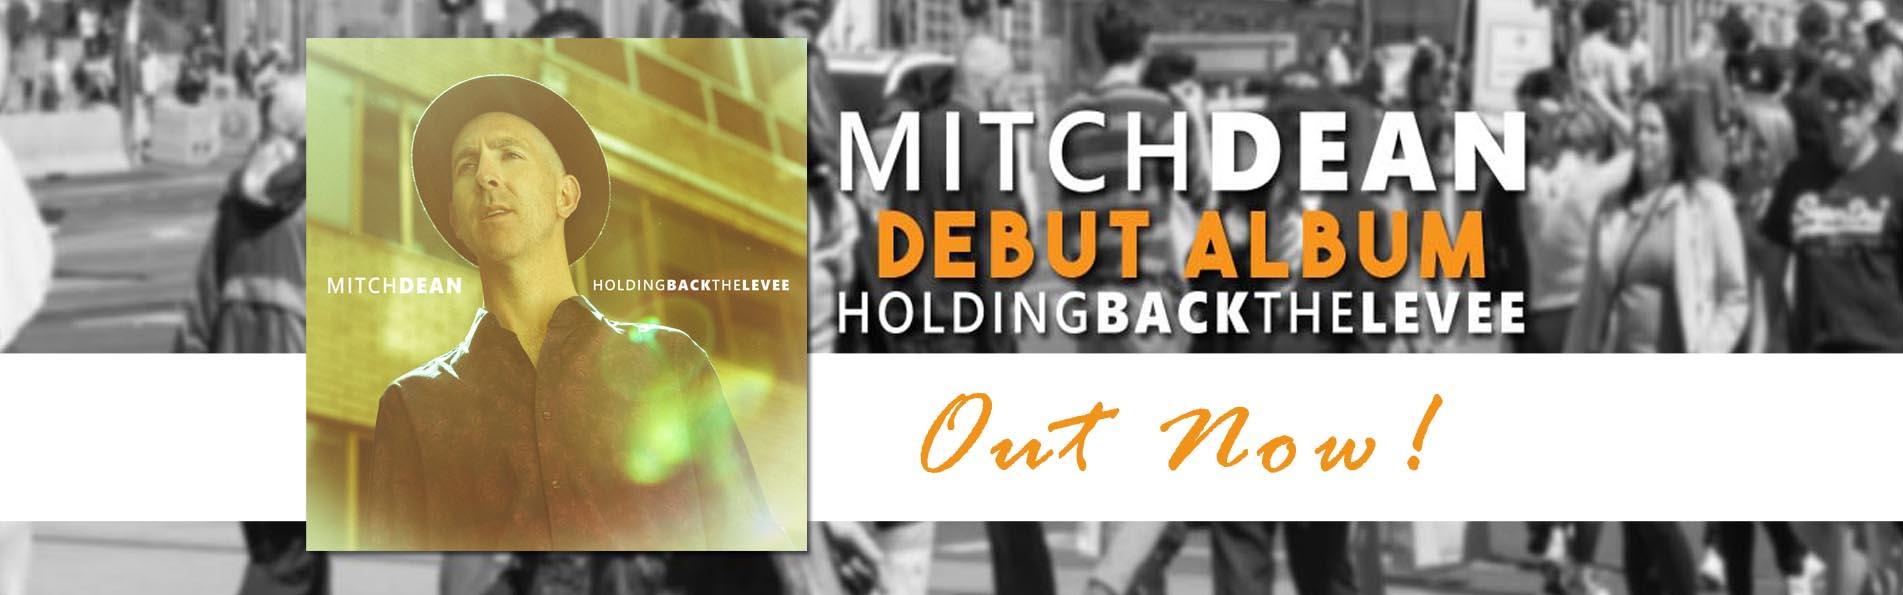 mitch-dean